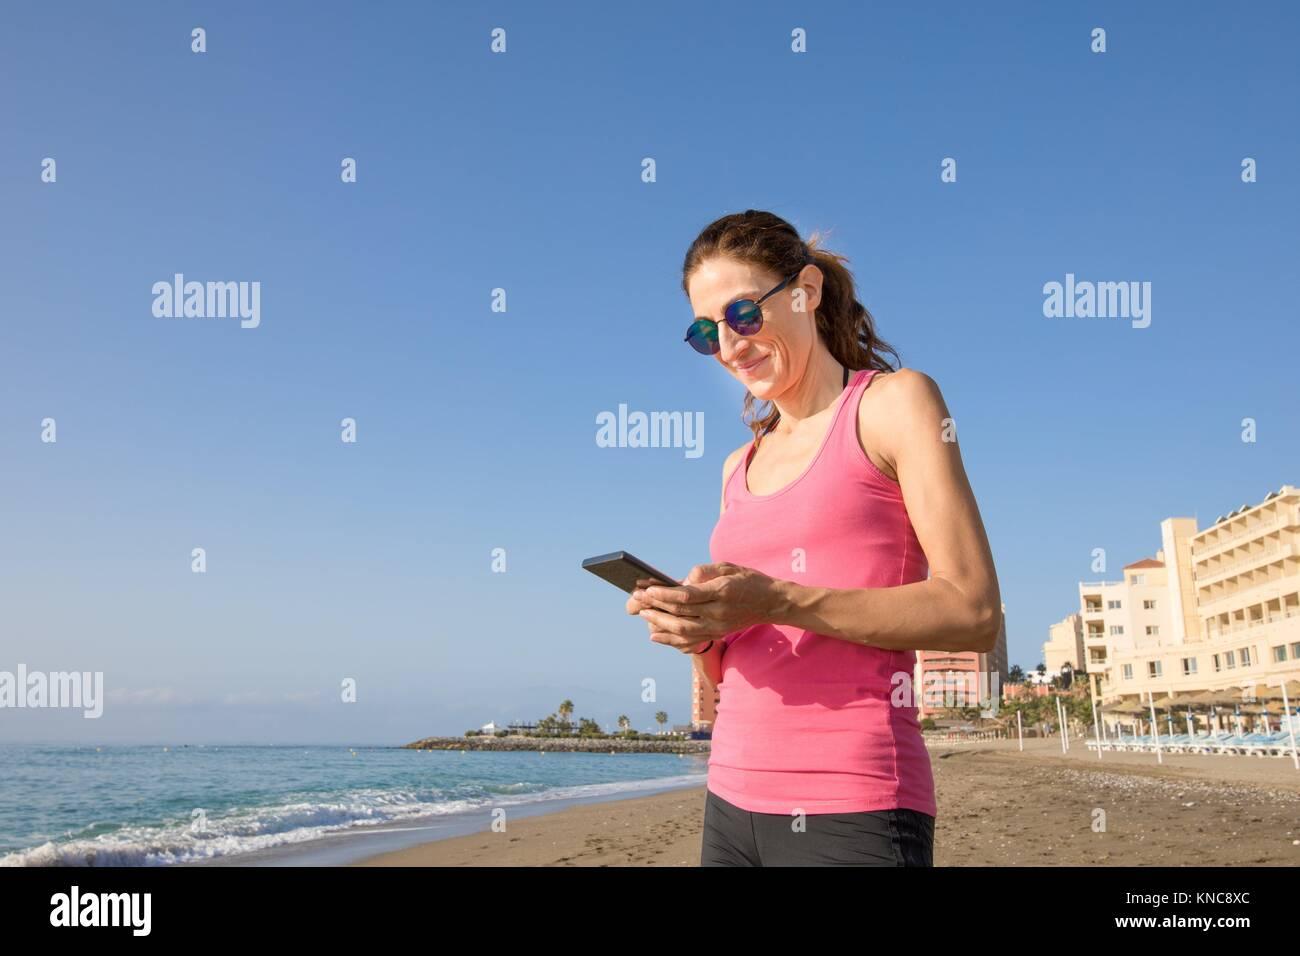 Mujer con camiseta sin mangas rosa sonriendo y tocando el teléfono móvil smartphone en playa, con el mar Imagen De Stock